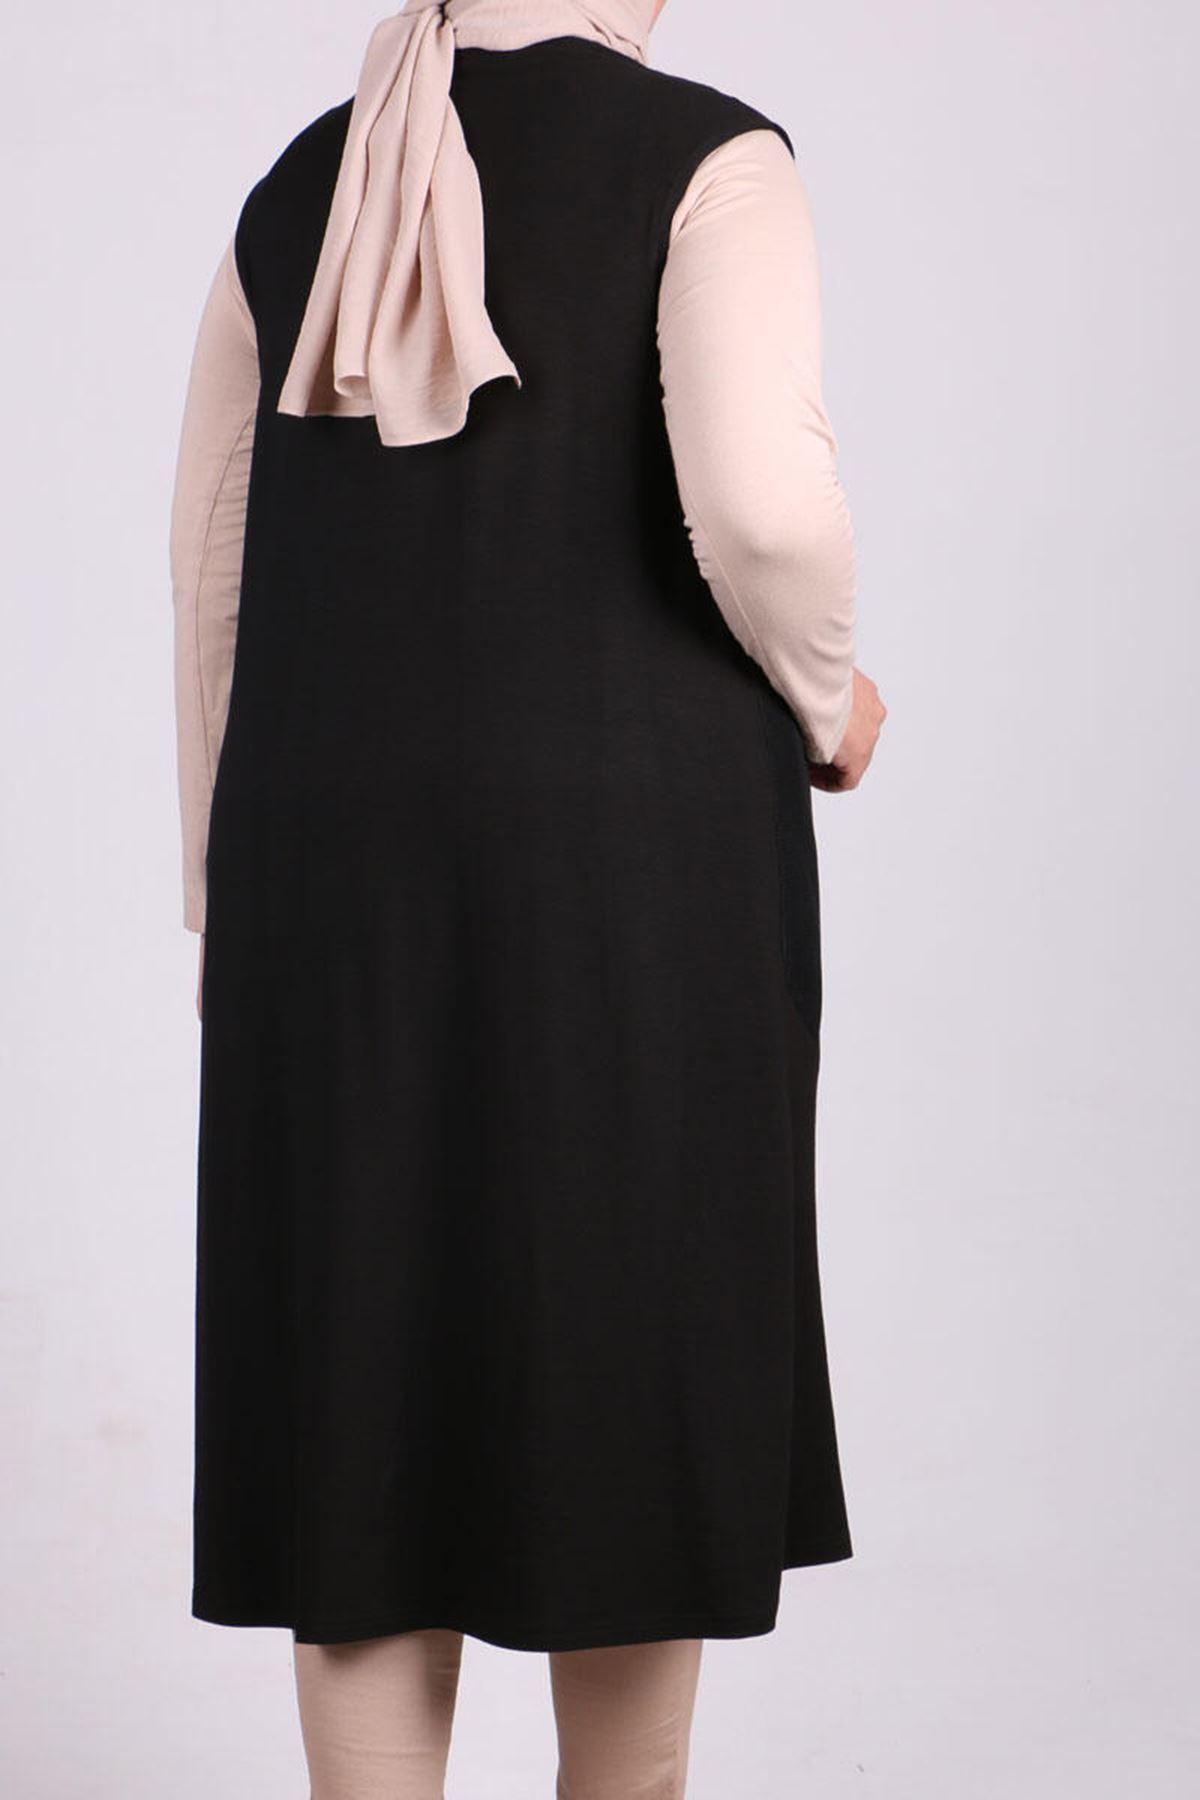 4049 Plus Size Vest - Black